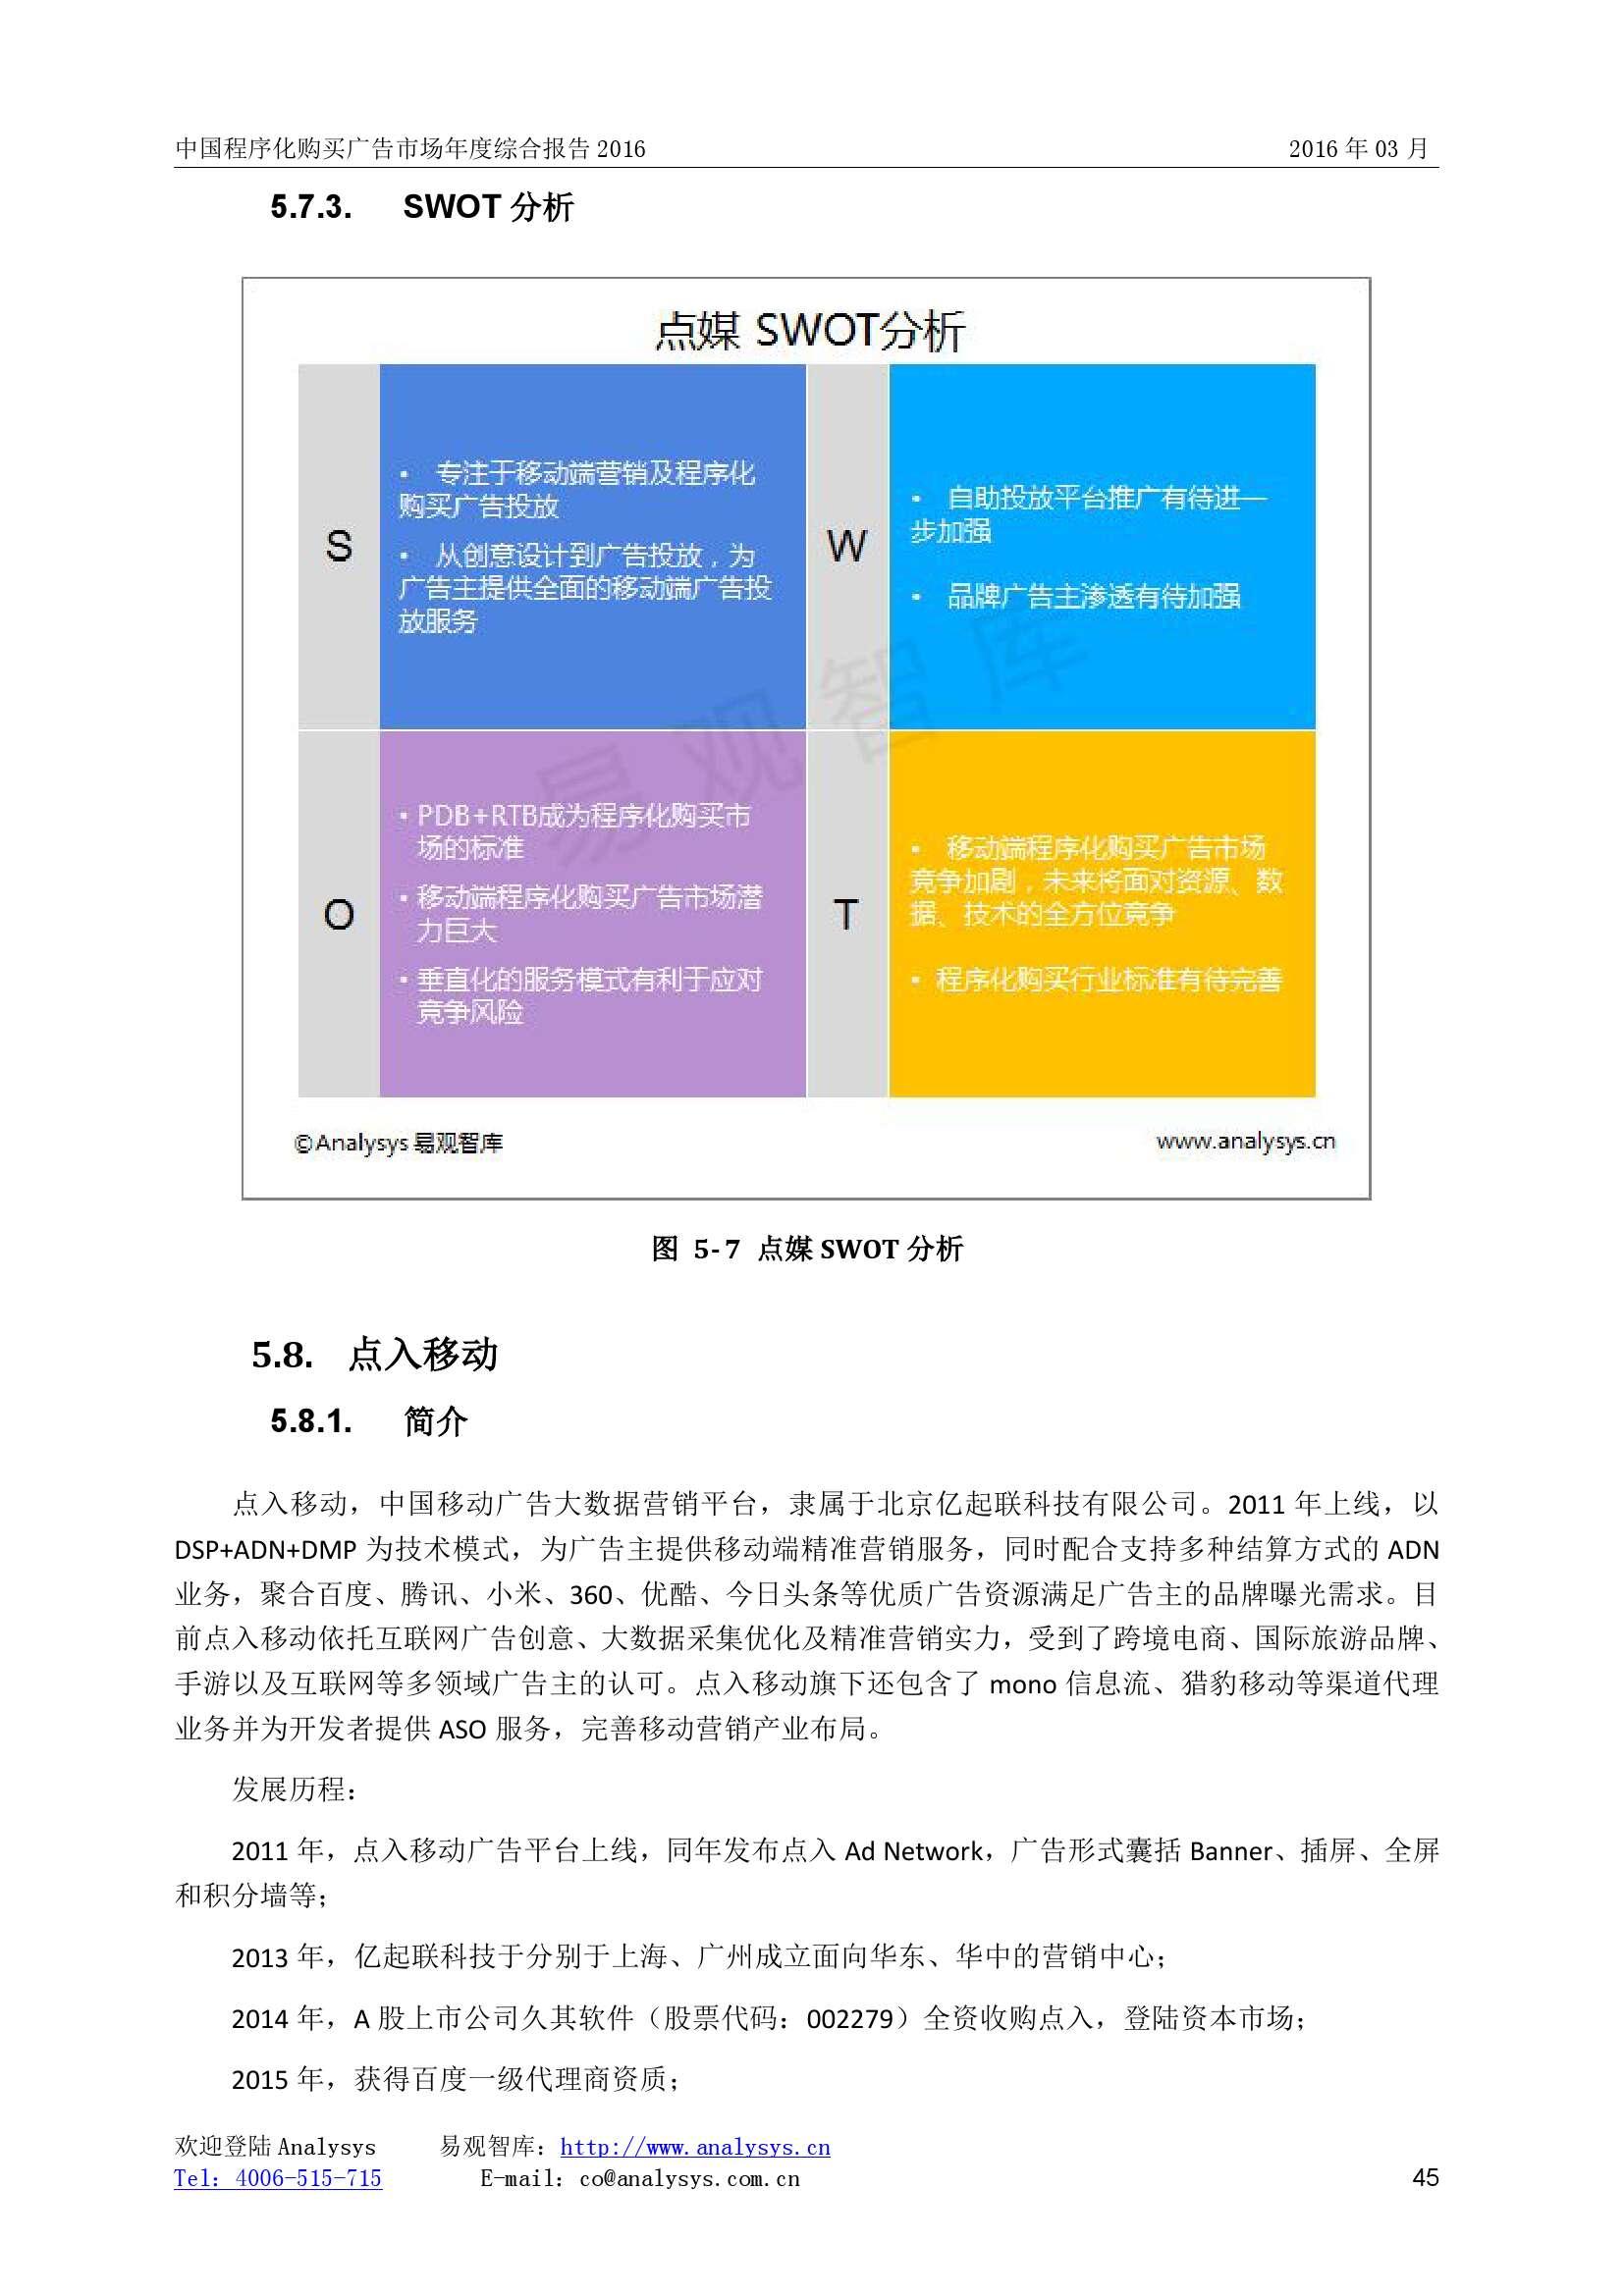 中国程序化购买广告市场年度综合报告2016_000045